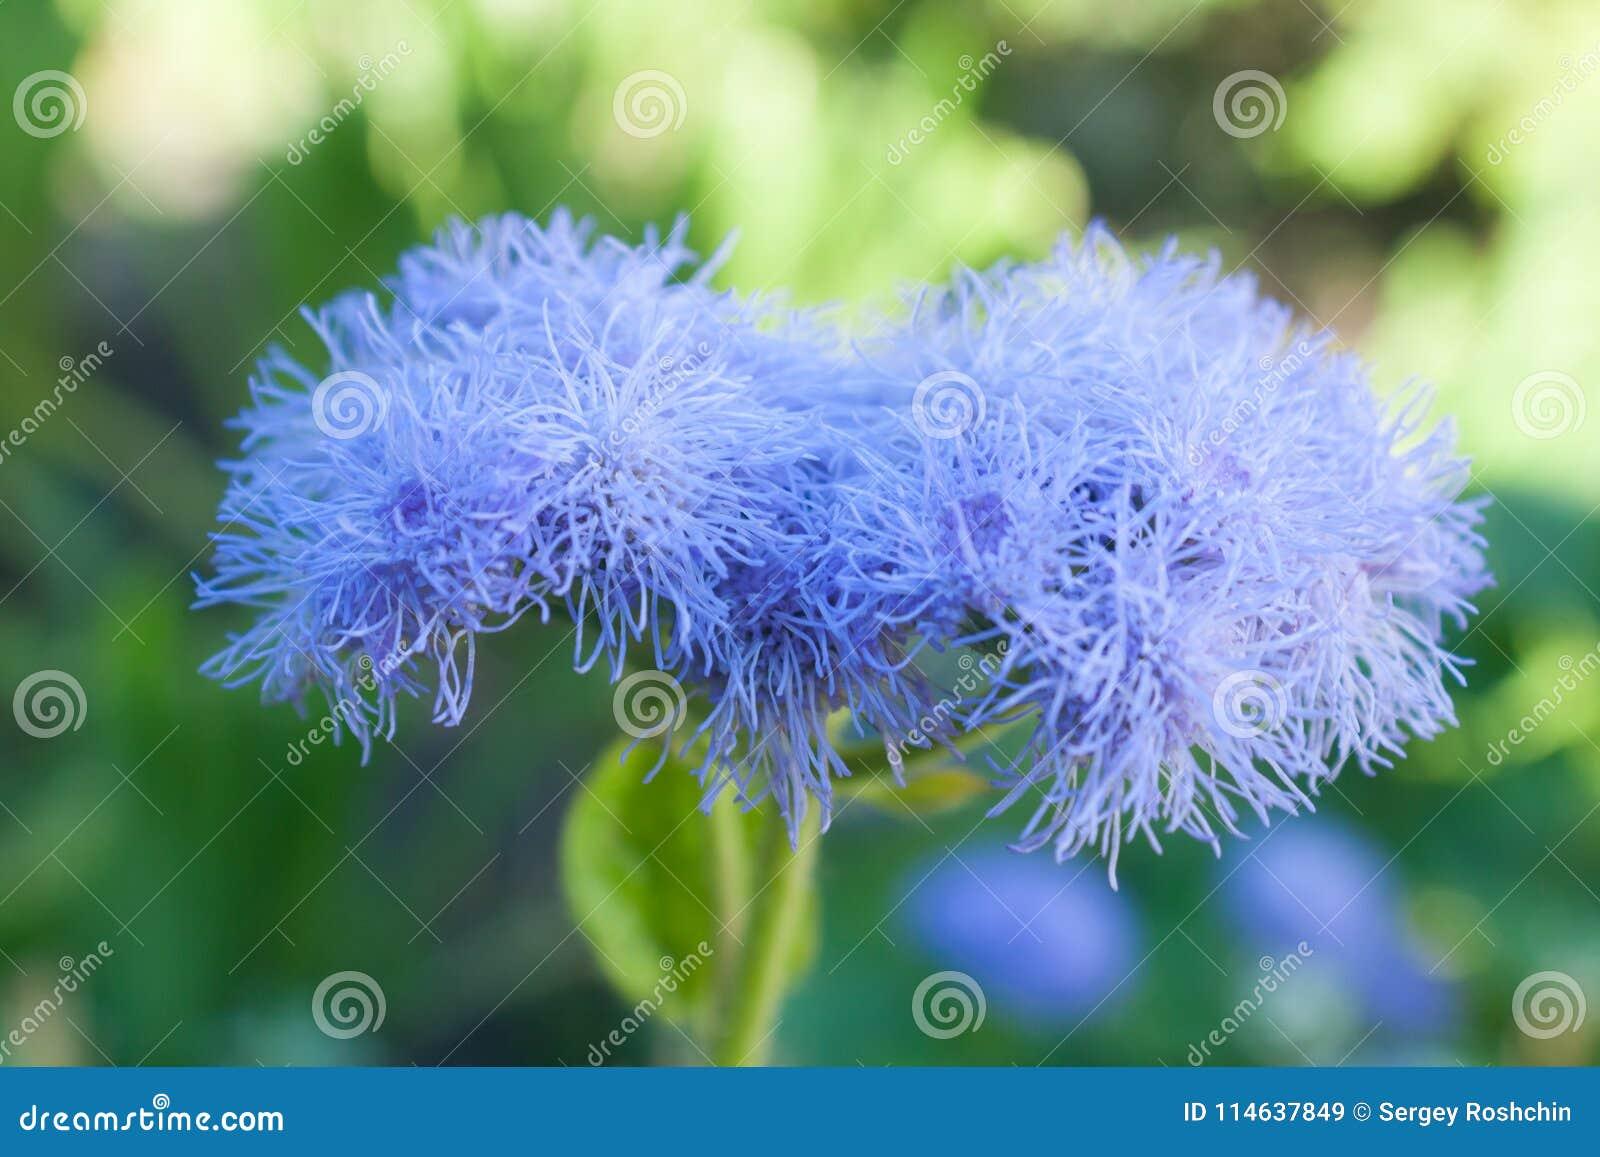 Ageratum violeta hermoso de la flor contra la perspectiva de una hierba verde en el verano en el jardín floreciente Rusia Ural de